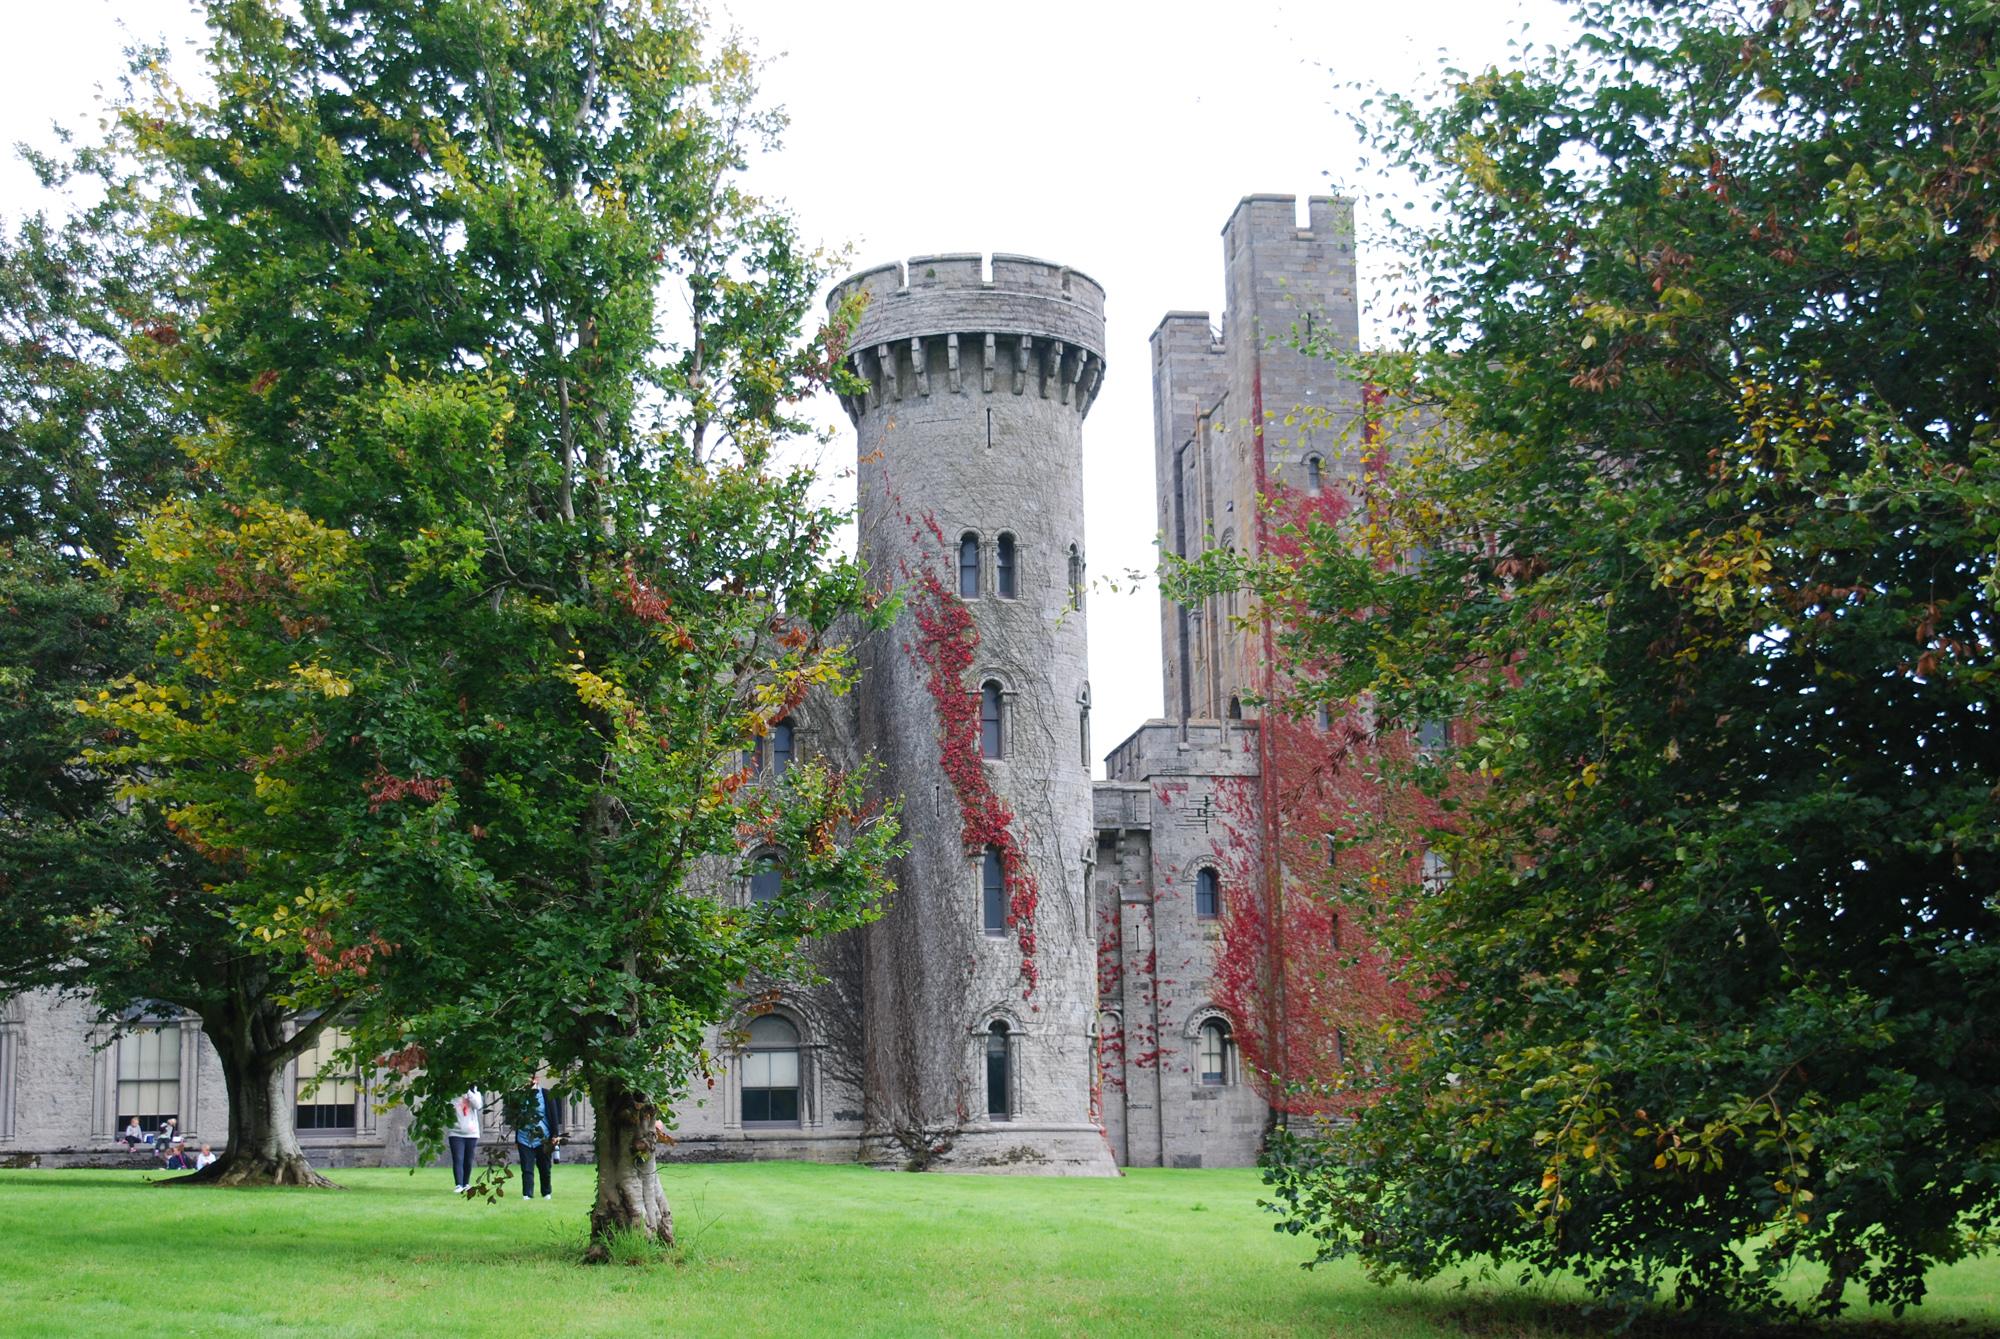 penrhyn-castle-tower-wales